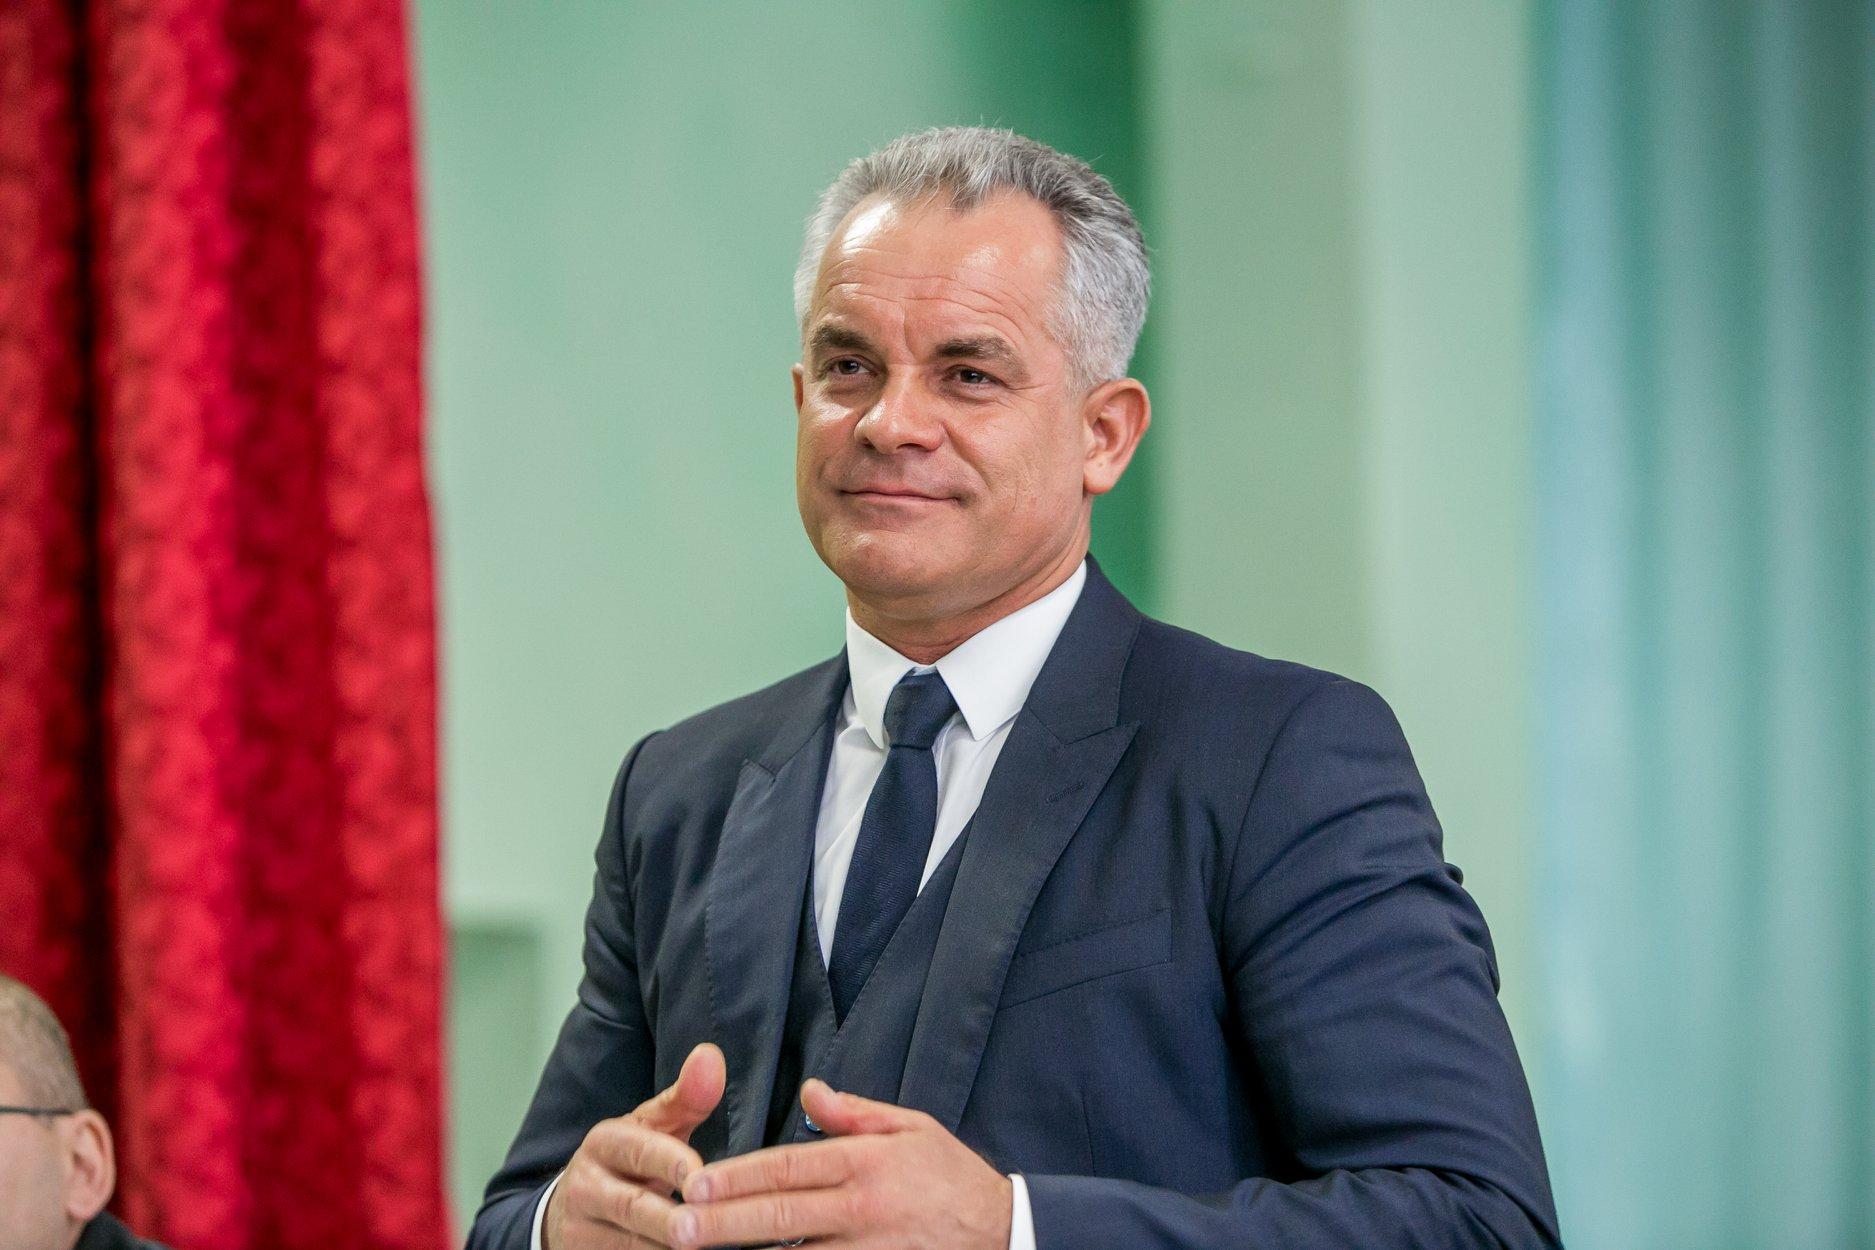 Judecătoria Chișinău a emis un mandat de arestare pentru 30 de zile pe numele lui Vladimir Plahotniuc